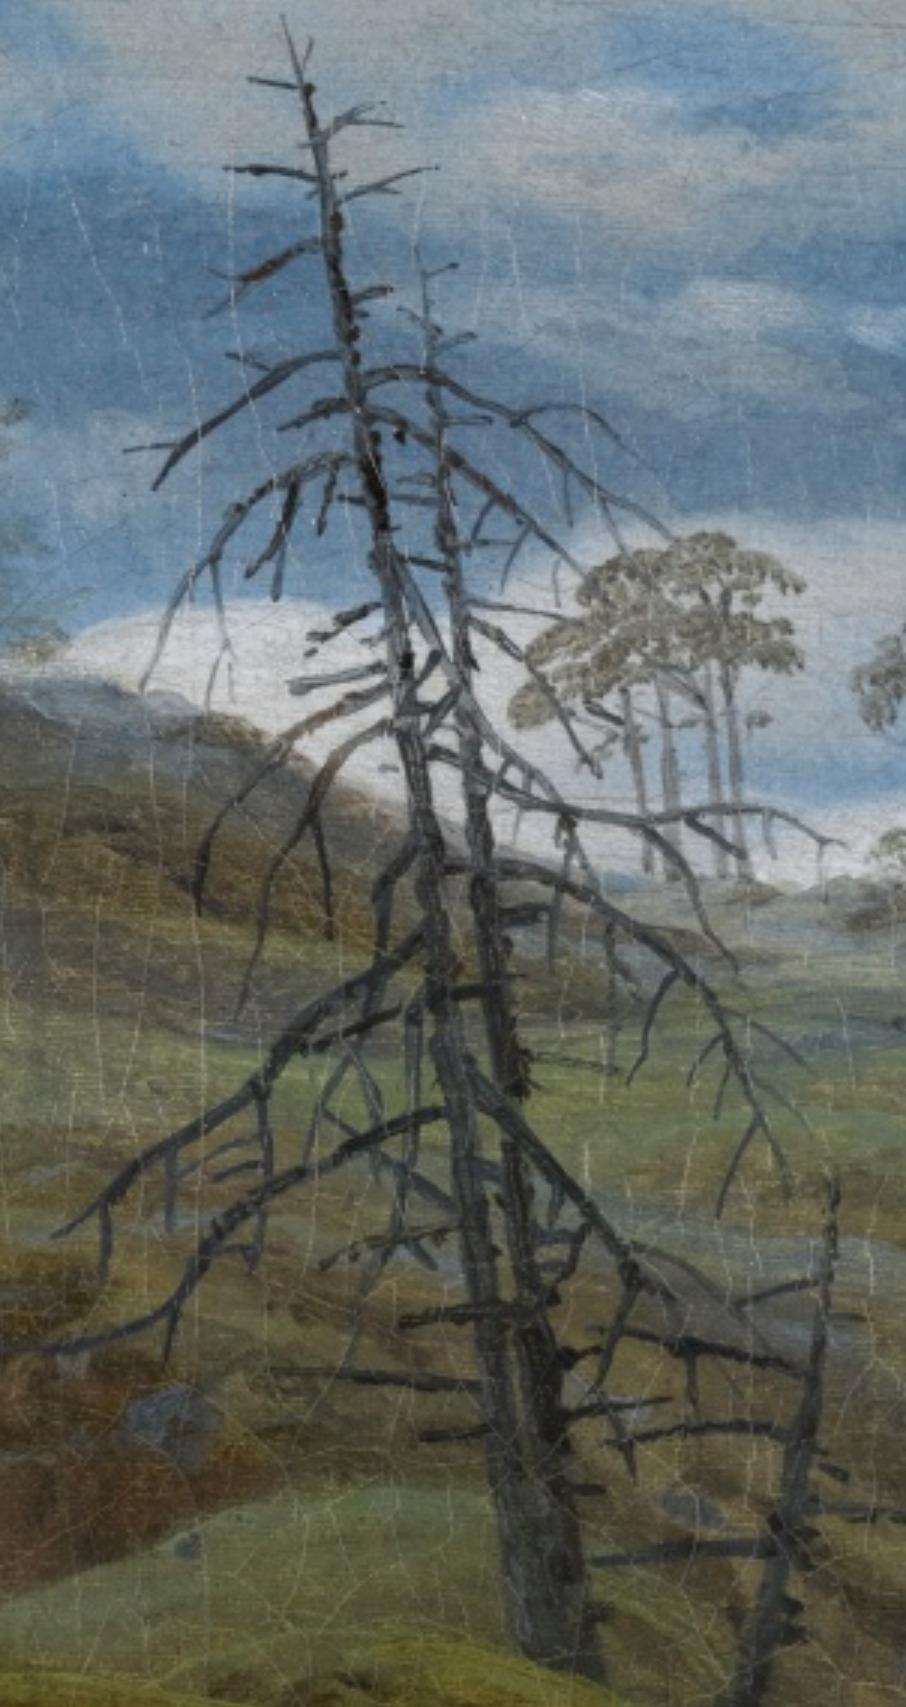 7Screenshot_2018-11-23 friedrich, caspar david sonnen landscape sotheby's l18102lot9vfl9en